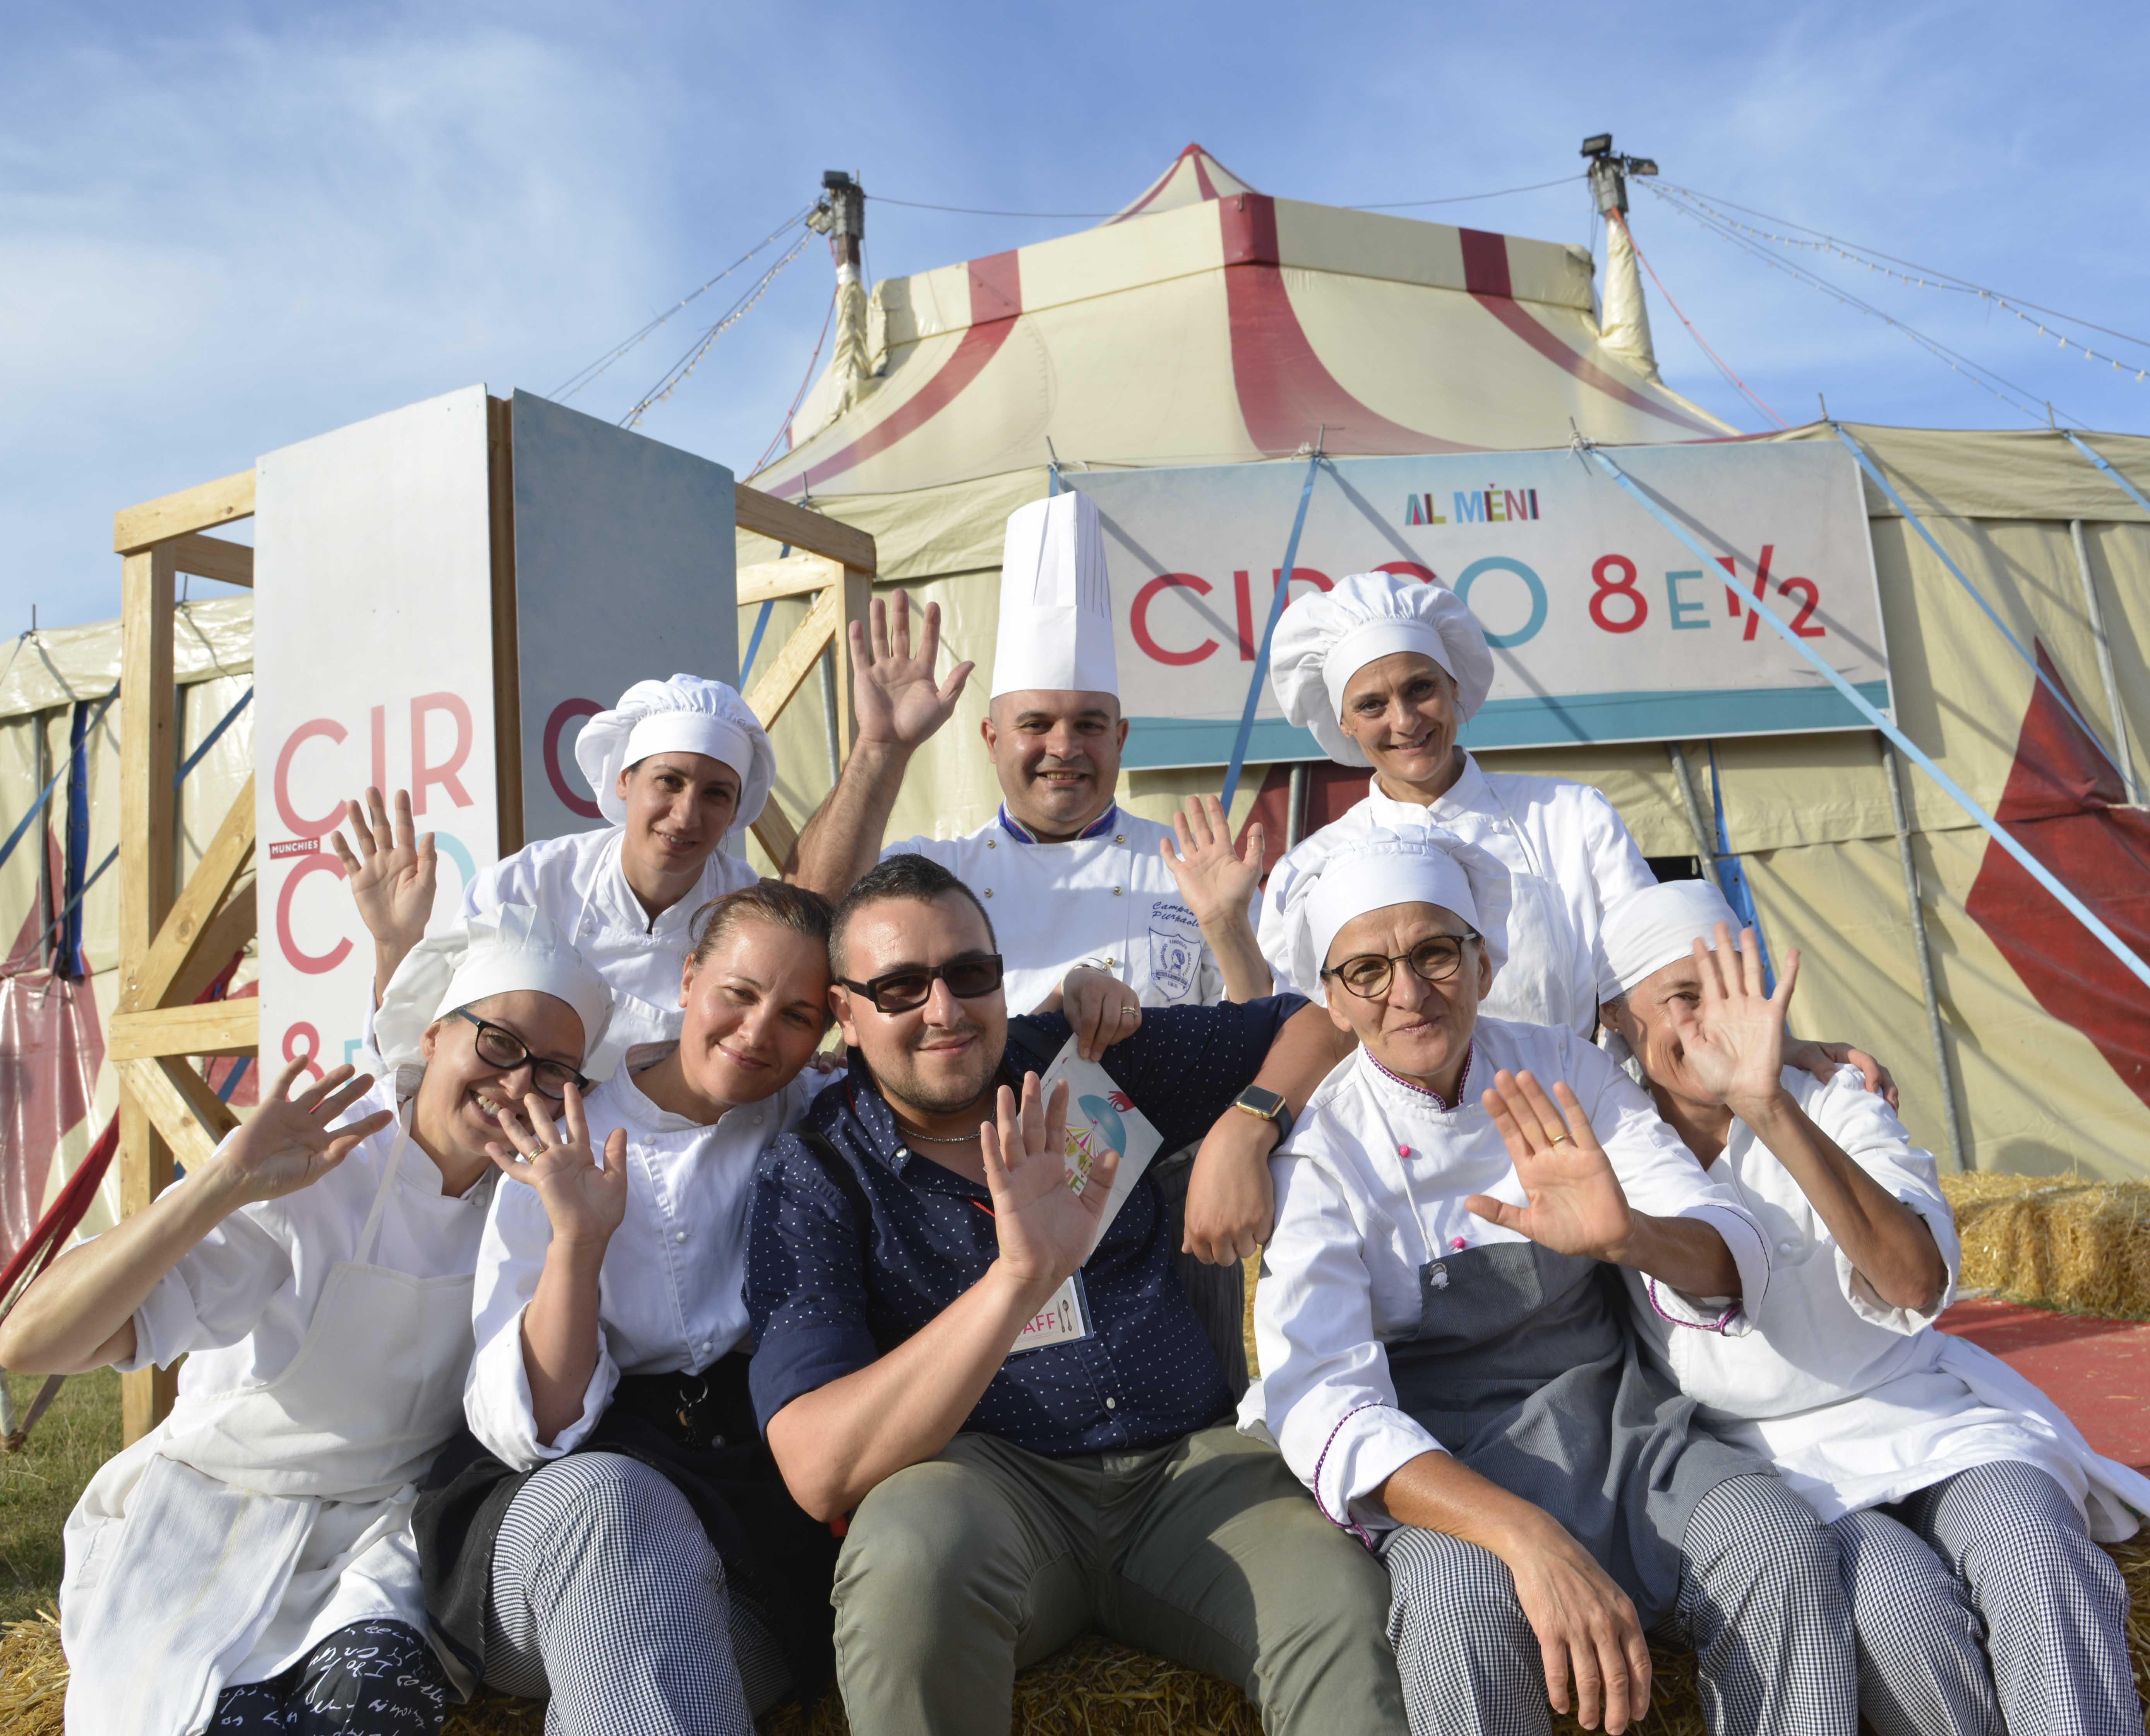 Il circo 8 ½ dei sapori torna a Rimini a fine settembre insieme a Massimo Bottura